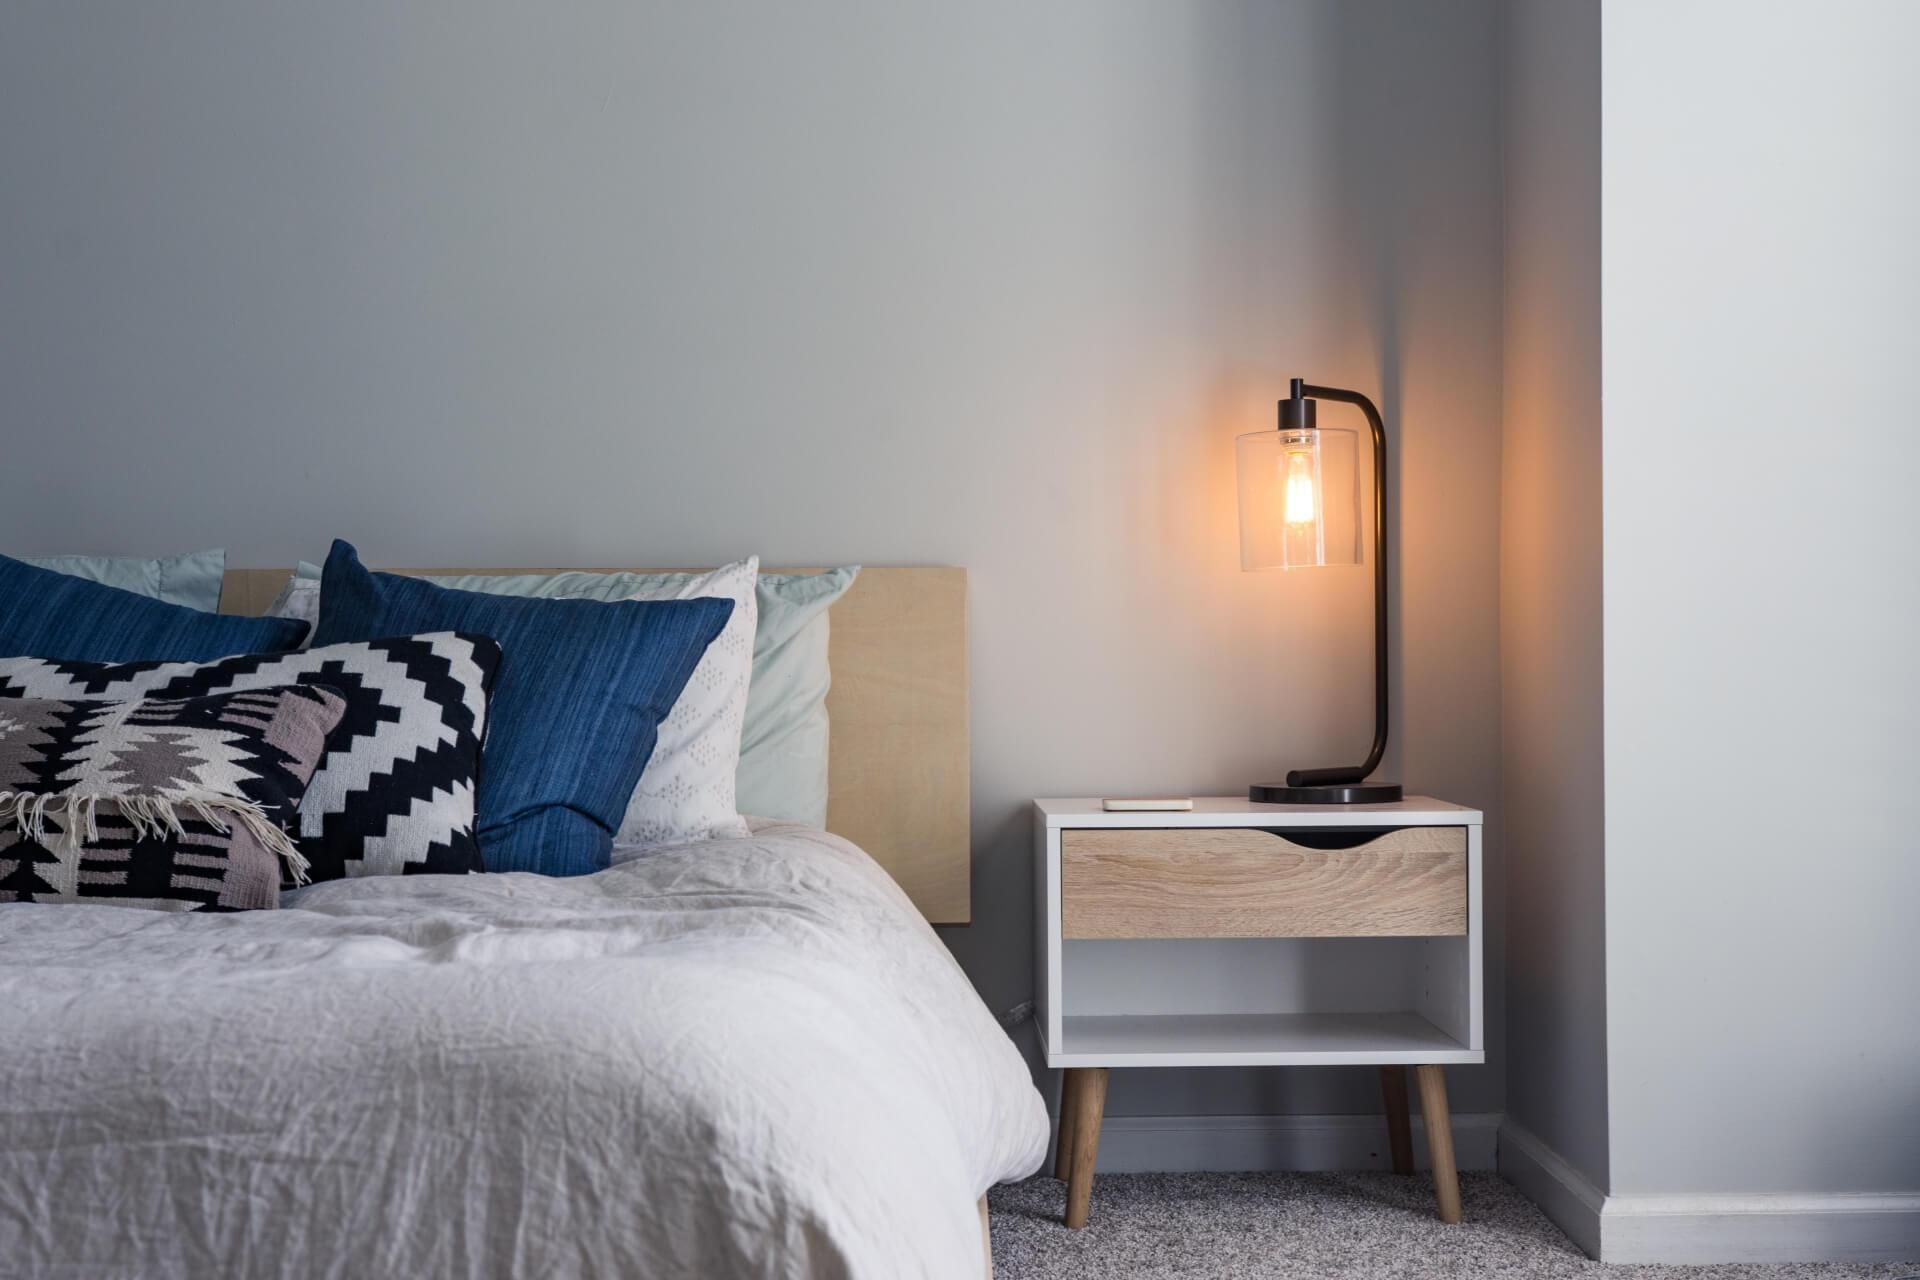 Abajur ao lado da cama é uma ótima opção para quem gosta de ler na cama.